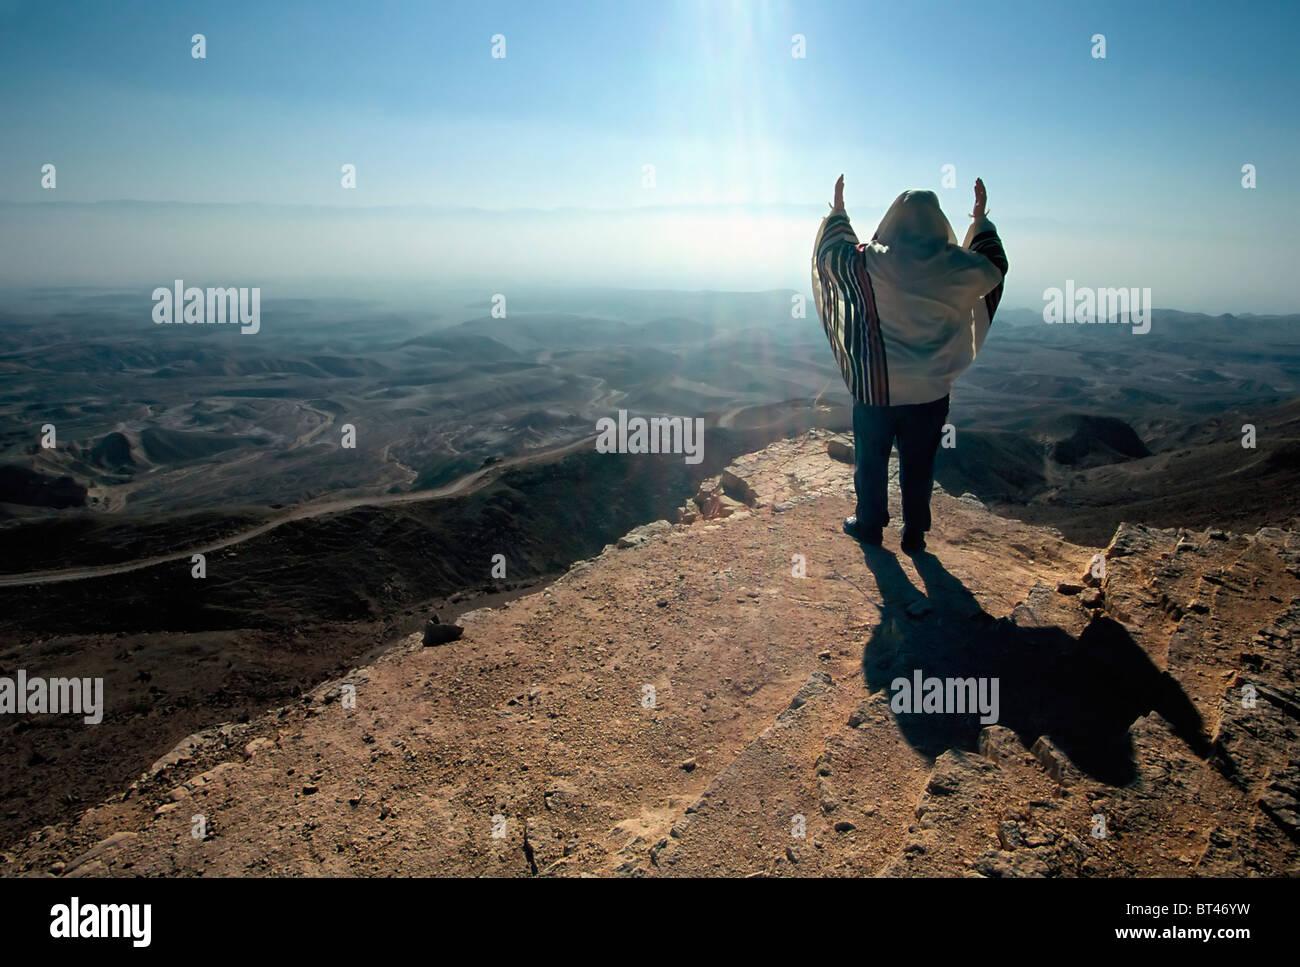 Israel, Negev Desert, Jewish man praying in front of an awe inspiring landscape at dawn, - Stock Image